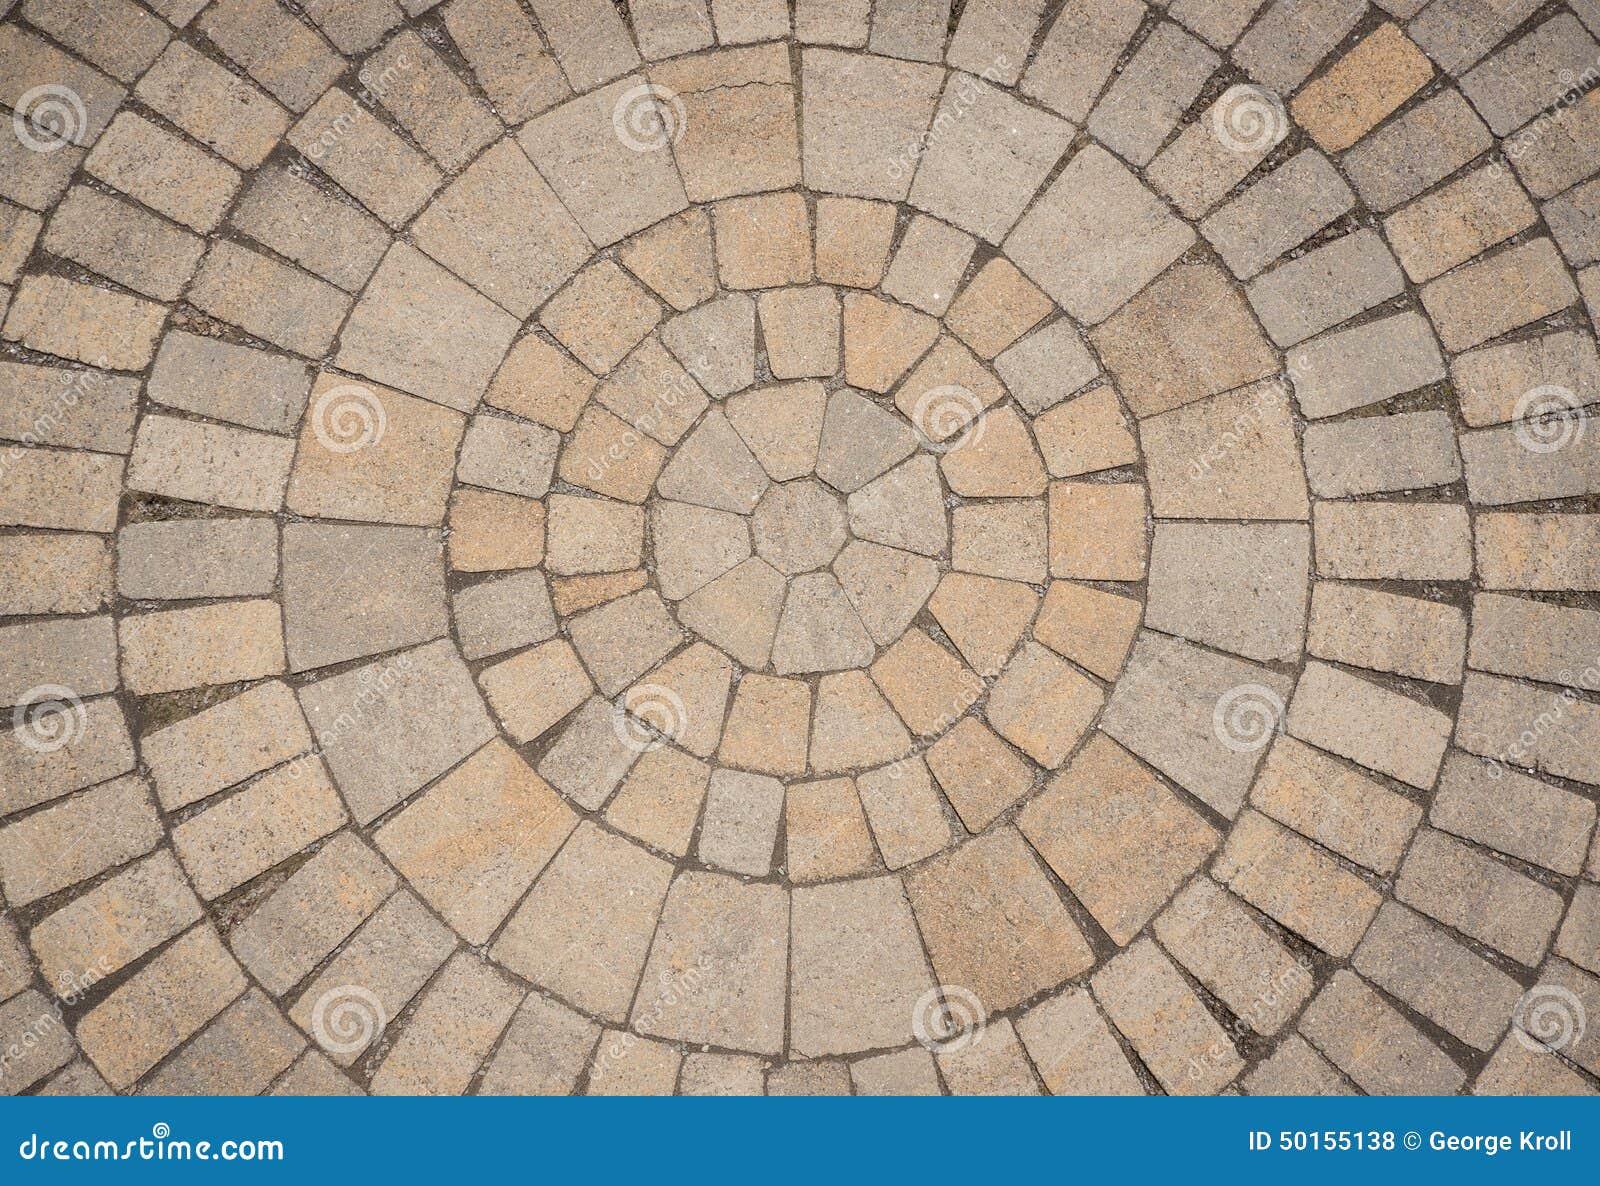 Circular Paving stone pattern